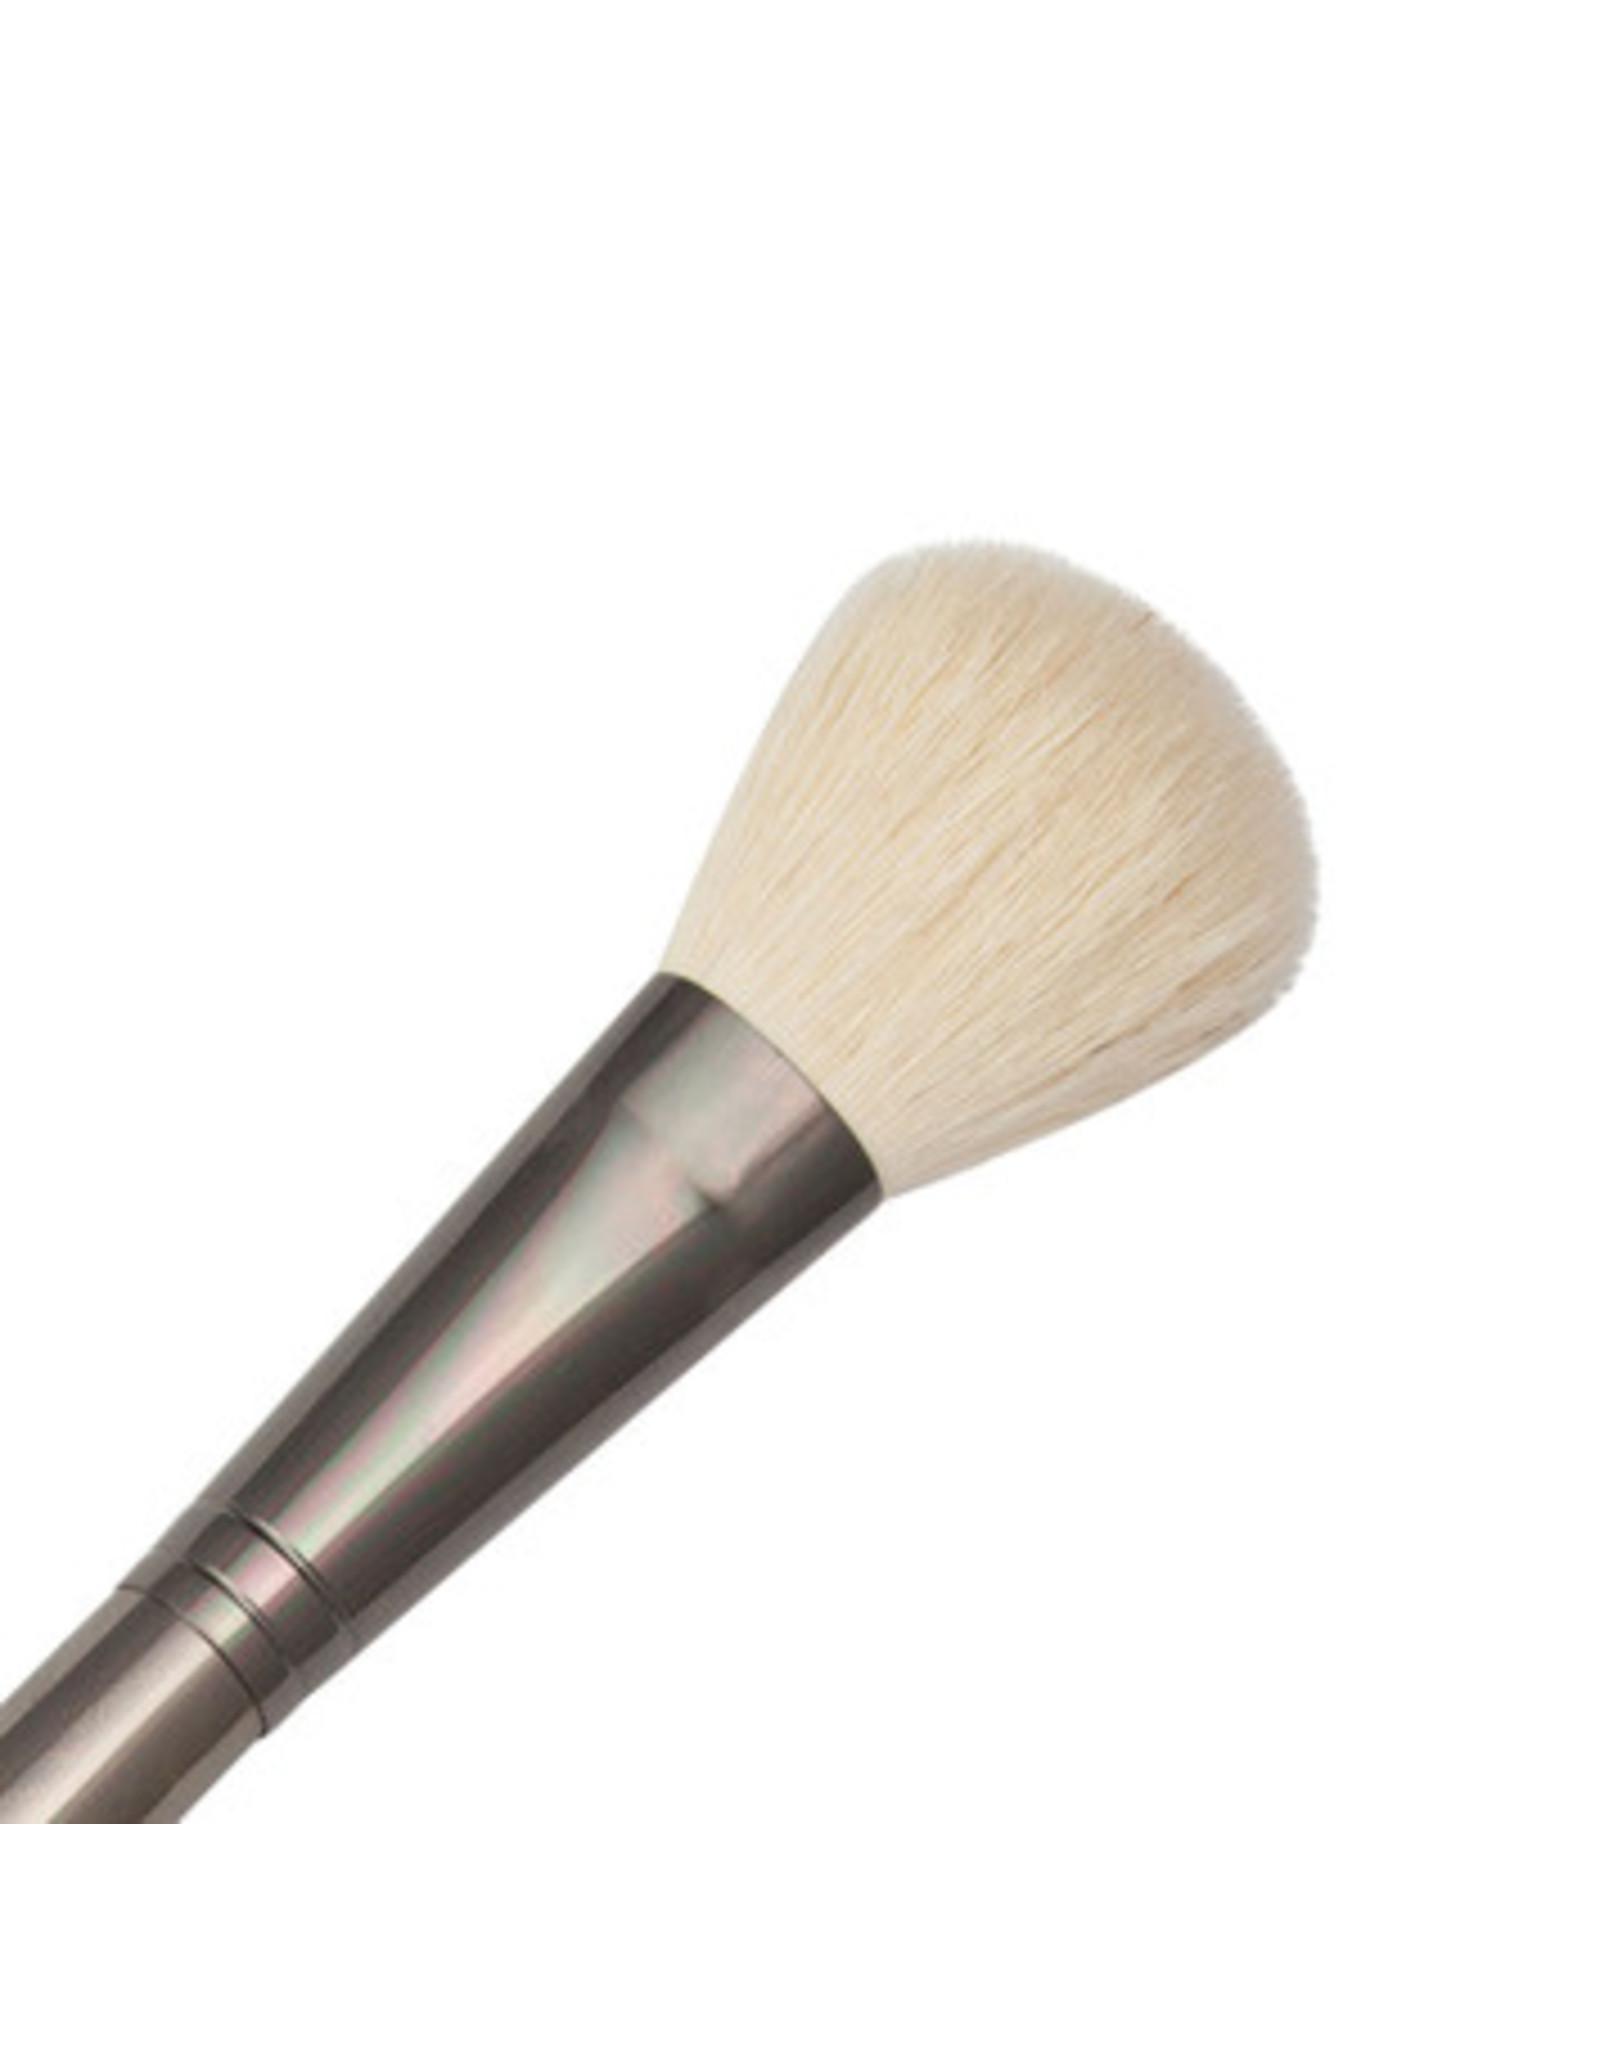 Royal & Langnickel Zen 83 Series White Goat Mop 18mm brush